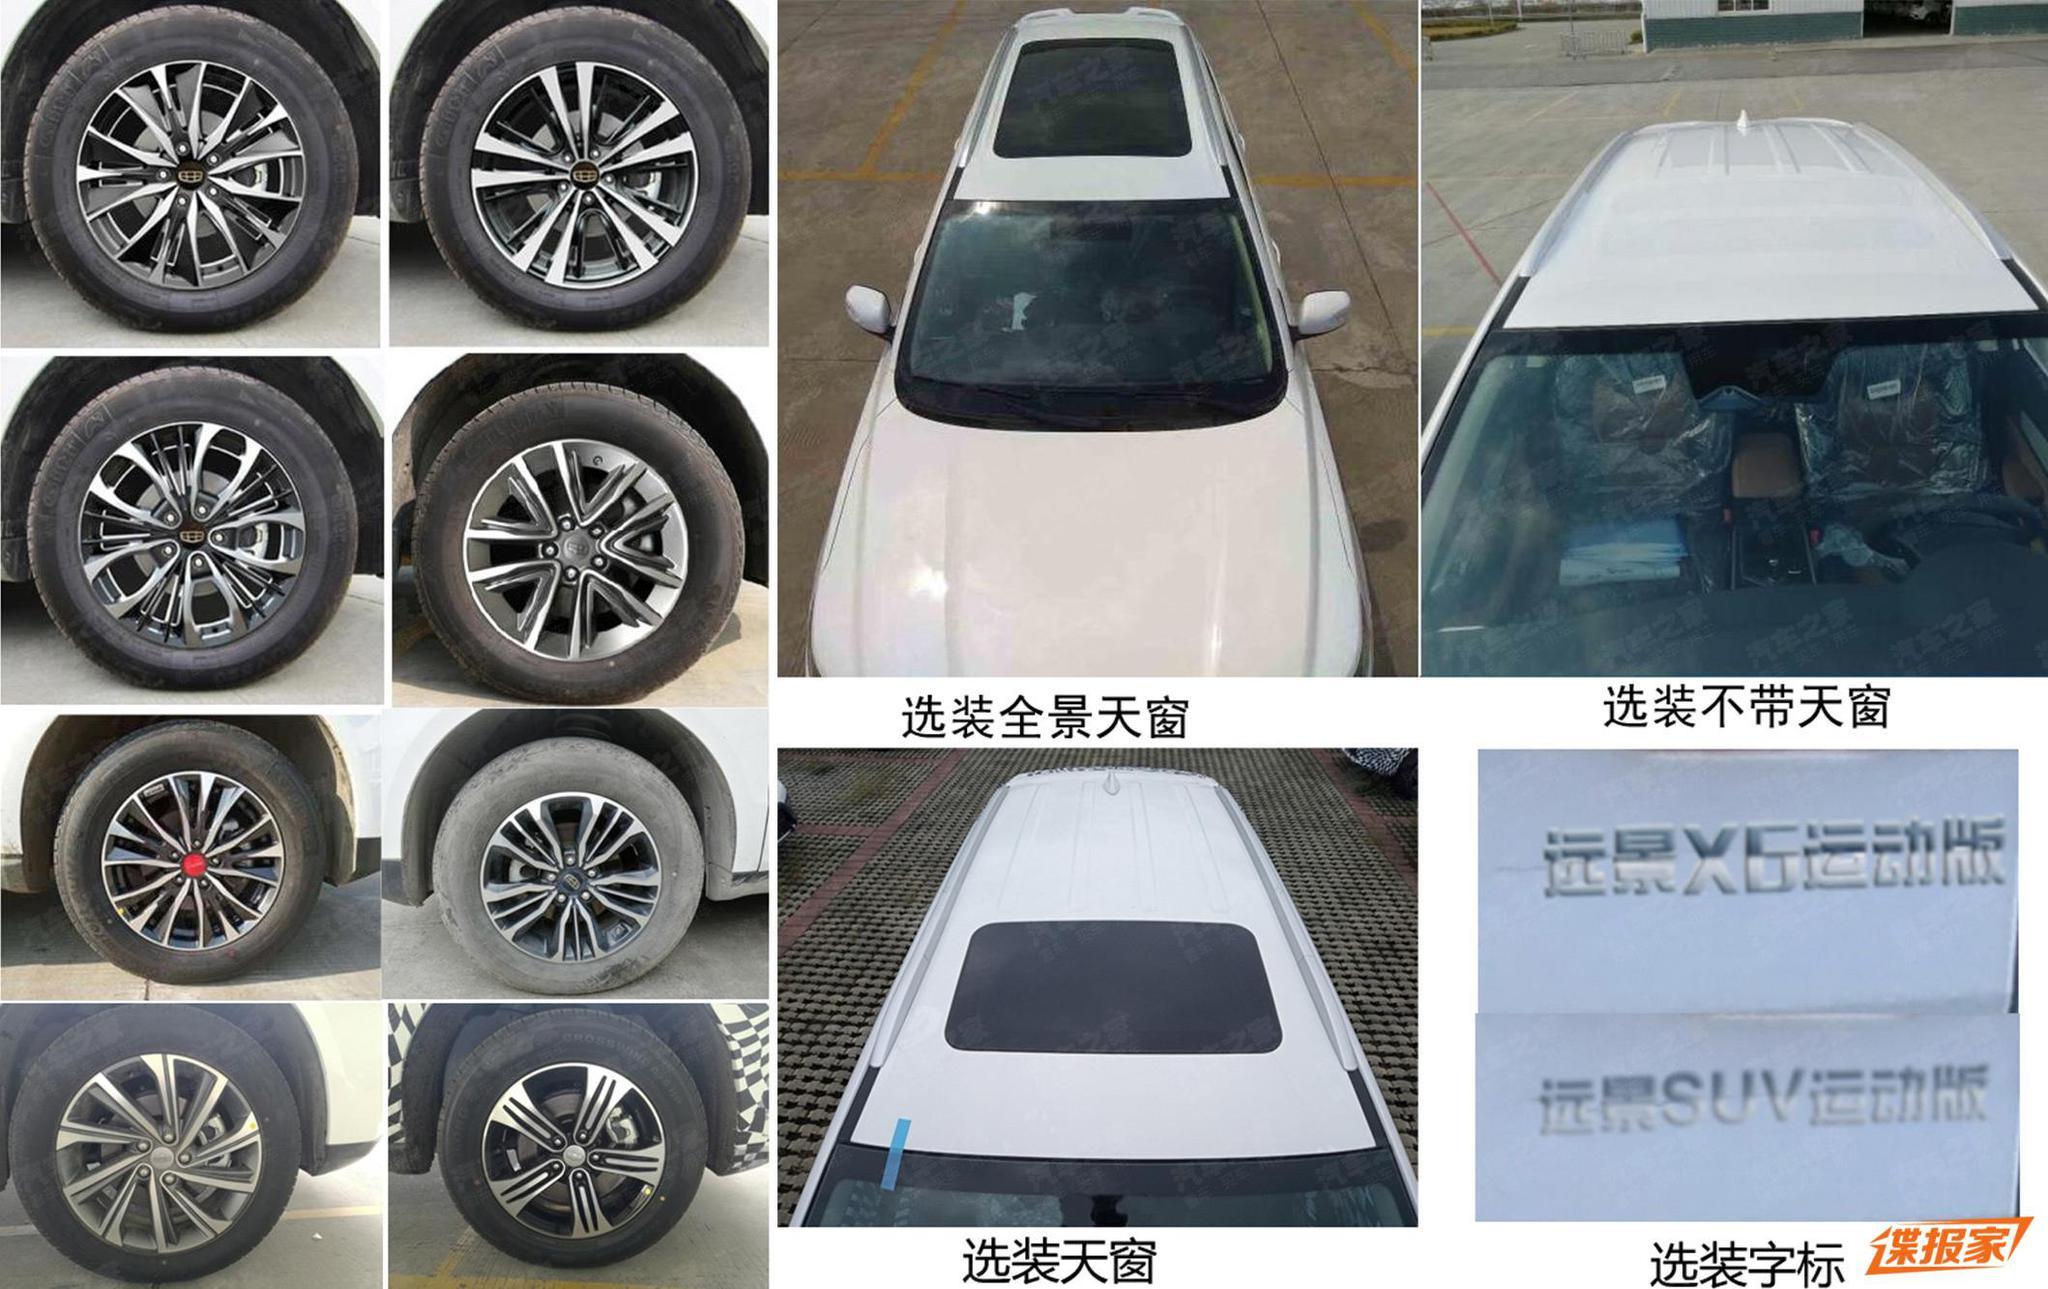 丰富选择空间 吉利远景SUV运动版申报图